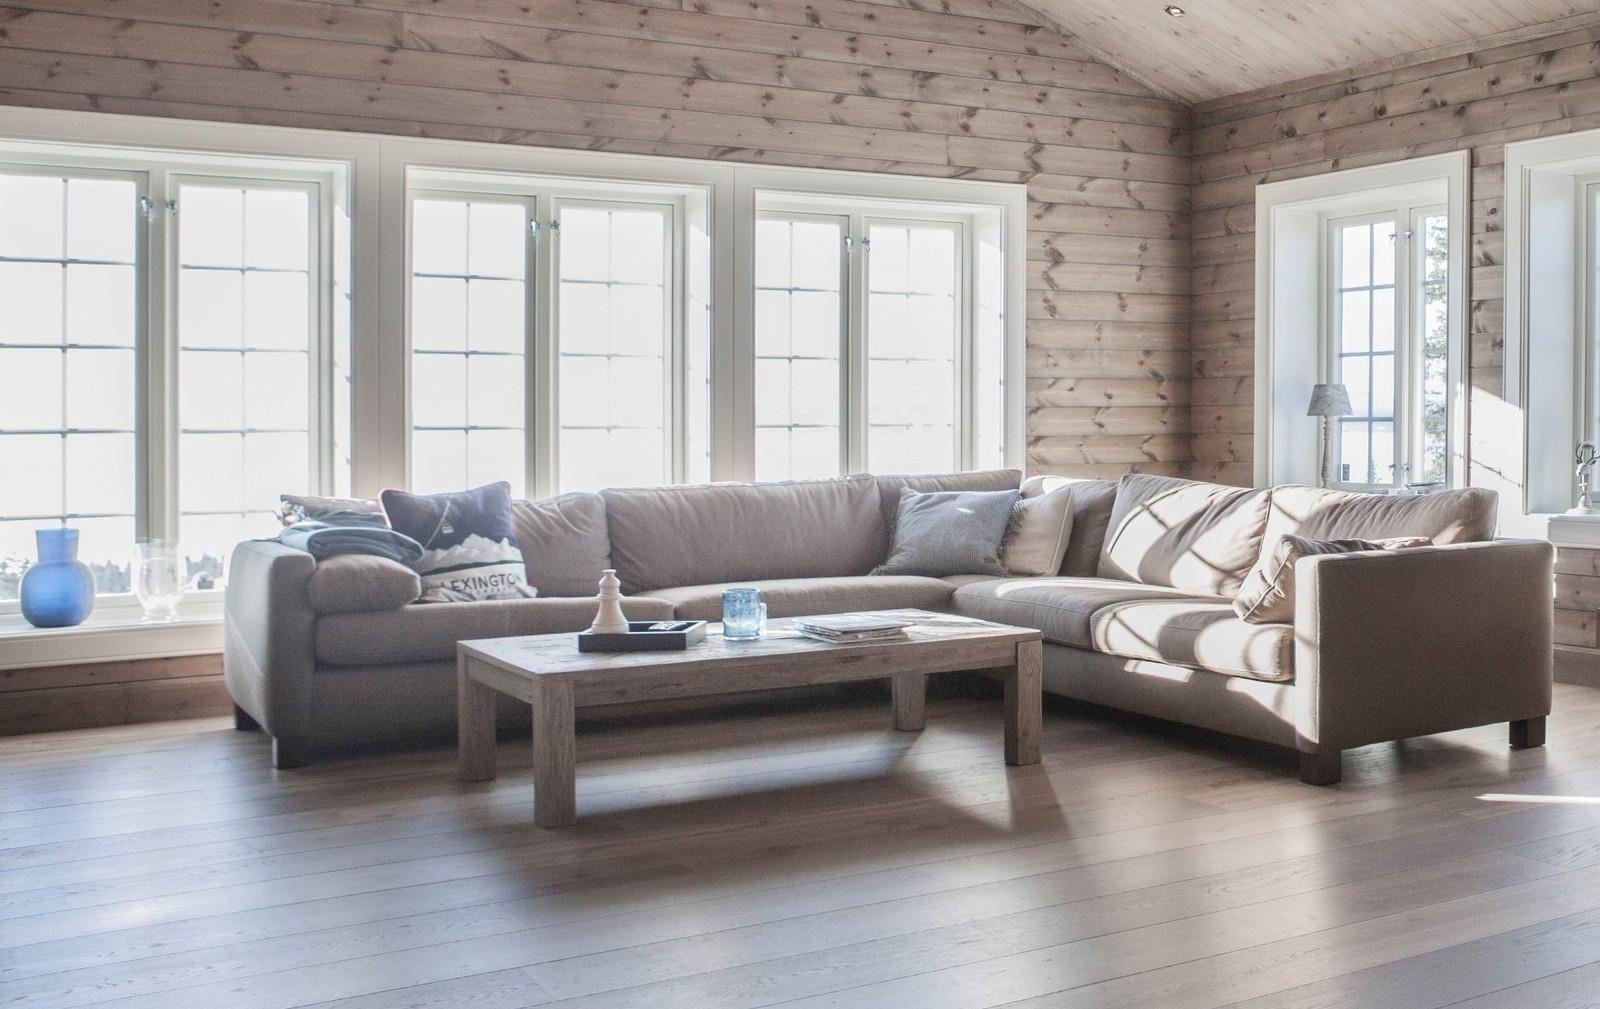 Bilde fra en annen Buen modell Storodde hytte. Kunde tilvalg forekommer